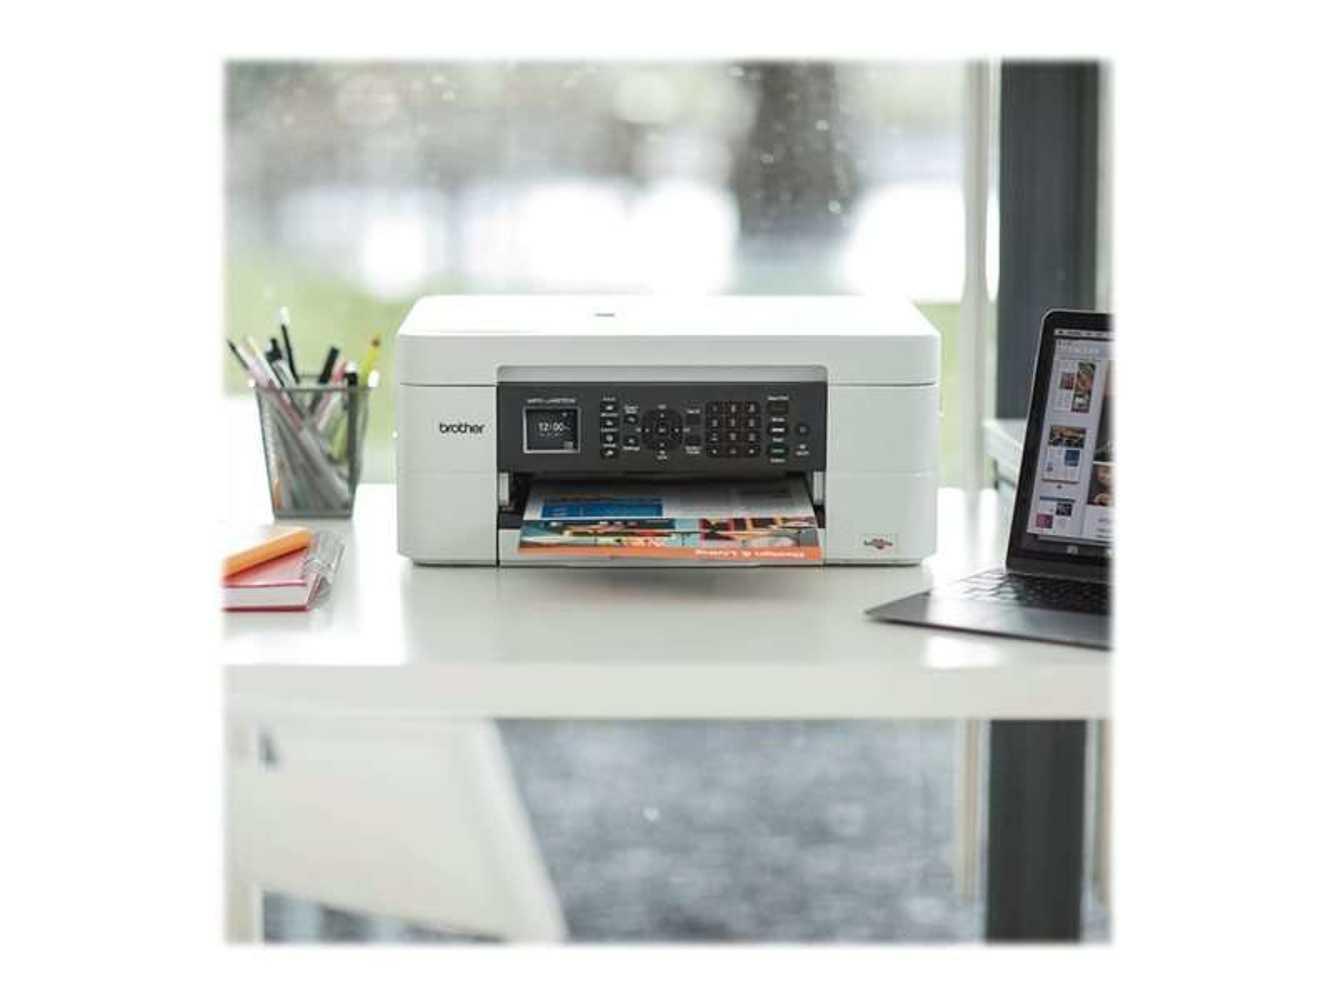 L''imprimante du mois 8ab65586-1bef-4500-80c0-c976e5f15a22